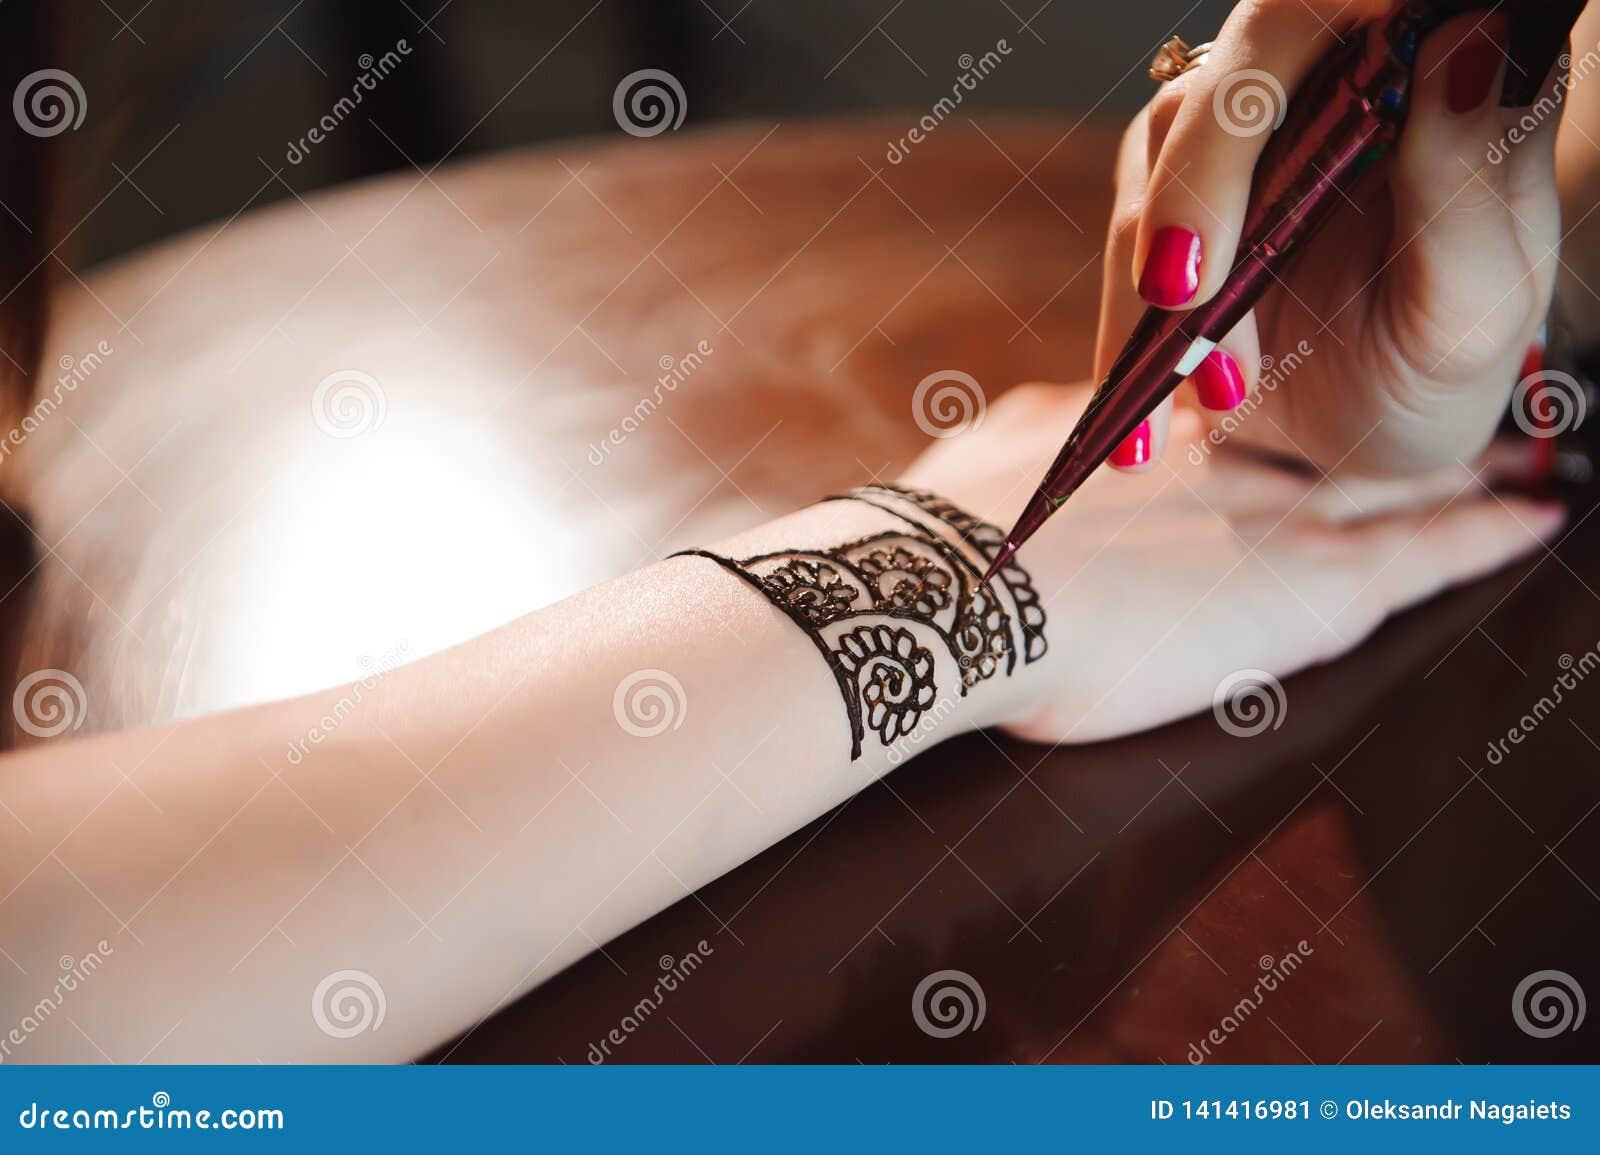 Καλλιτέχνης που εφαρμόζει henna τη δερματοστιξία σε ετοιμότητα γυναικών Το Mehndi είναι παραδοσιακή ινδική διακοσμητική τέχνη